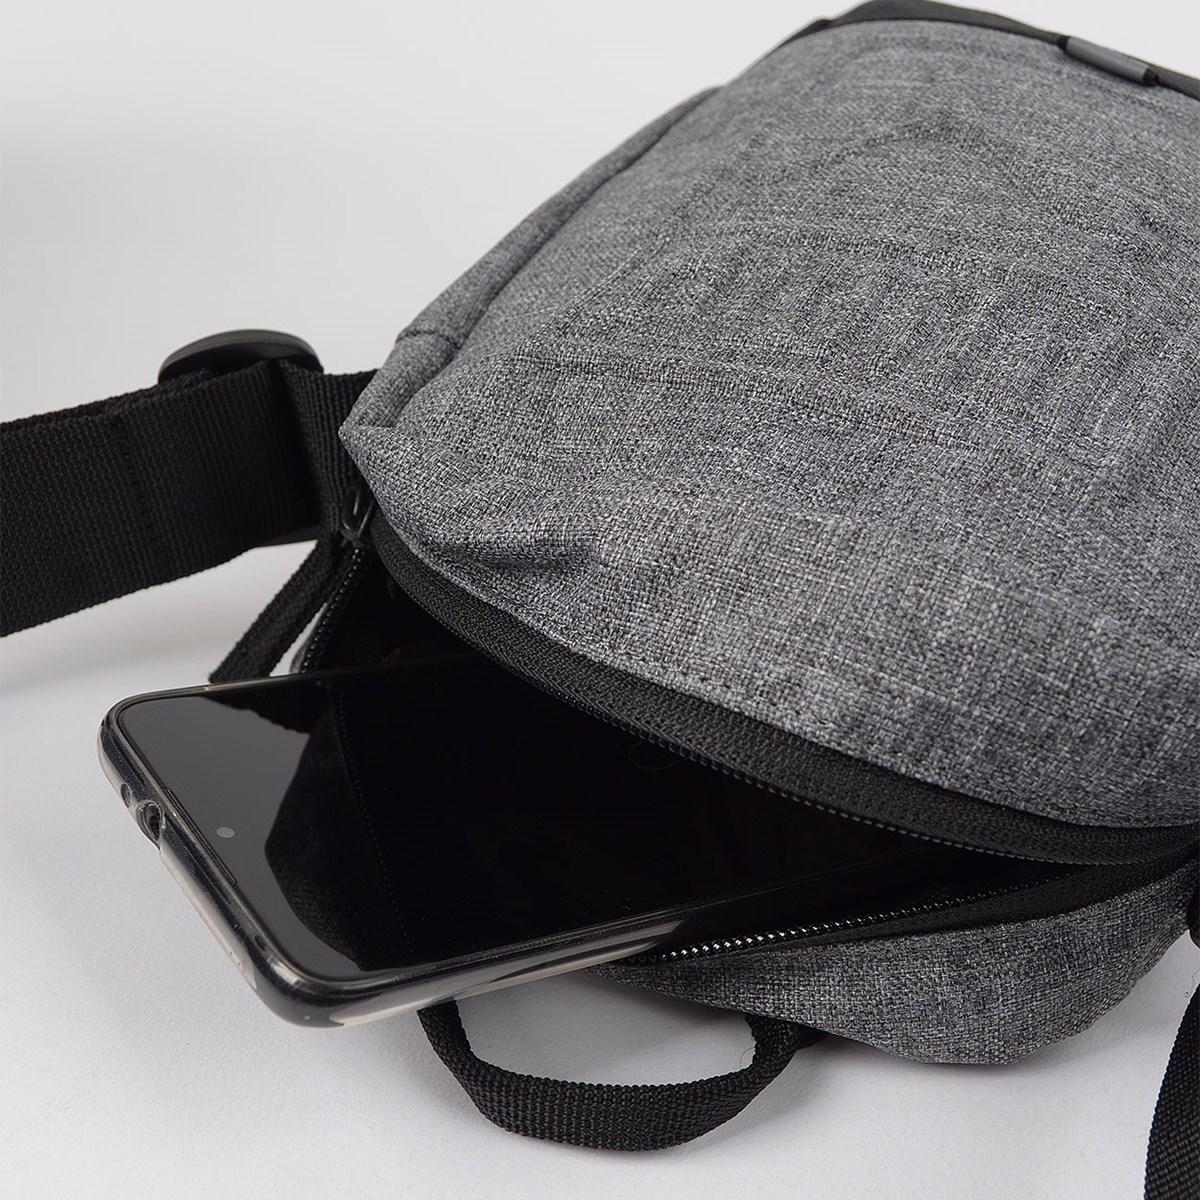 Bolsa Puma S Portable Cinza Escuro Preto 07558209